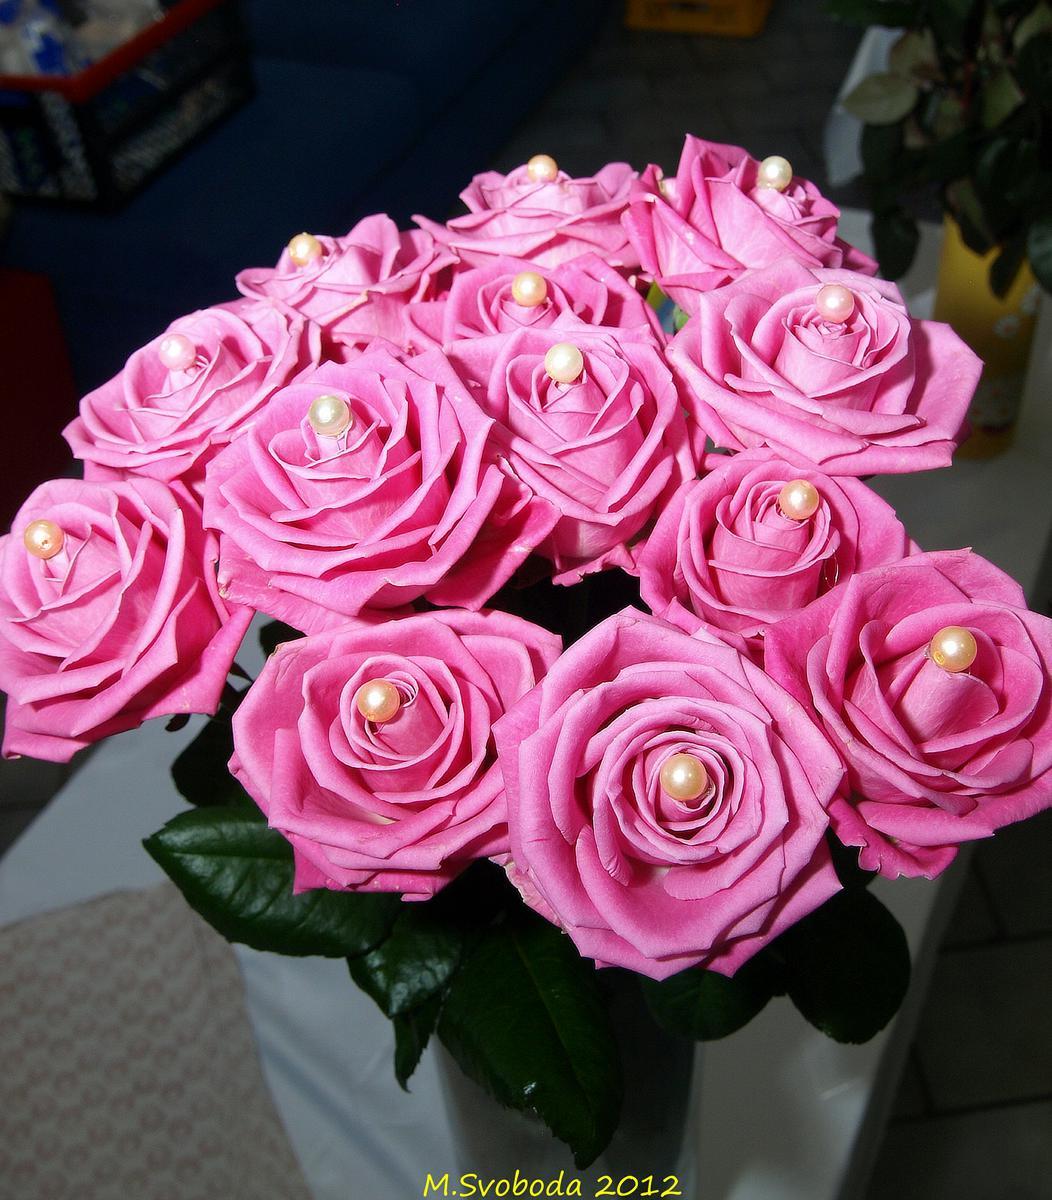 Své partnerky potěšíme kytičkou...